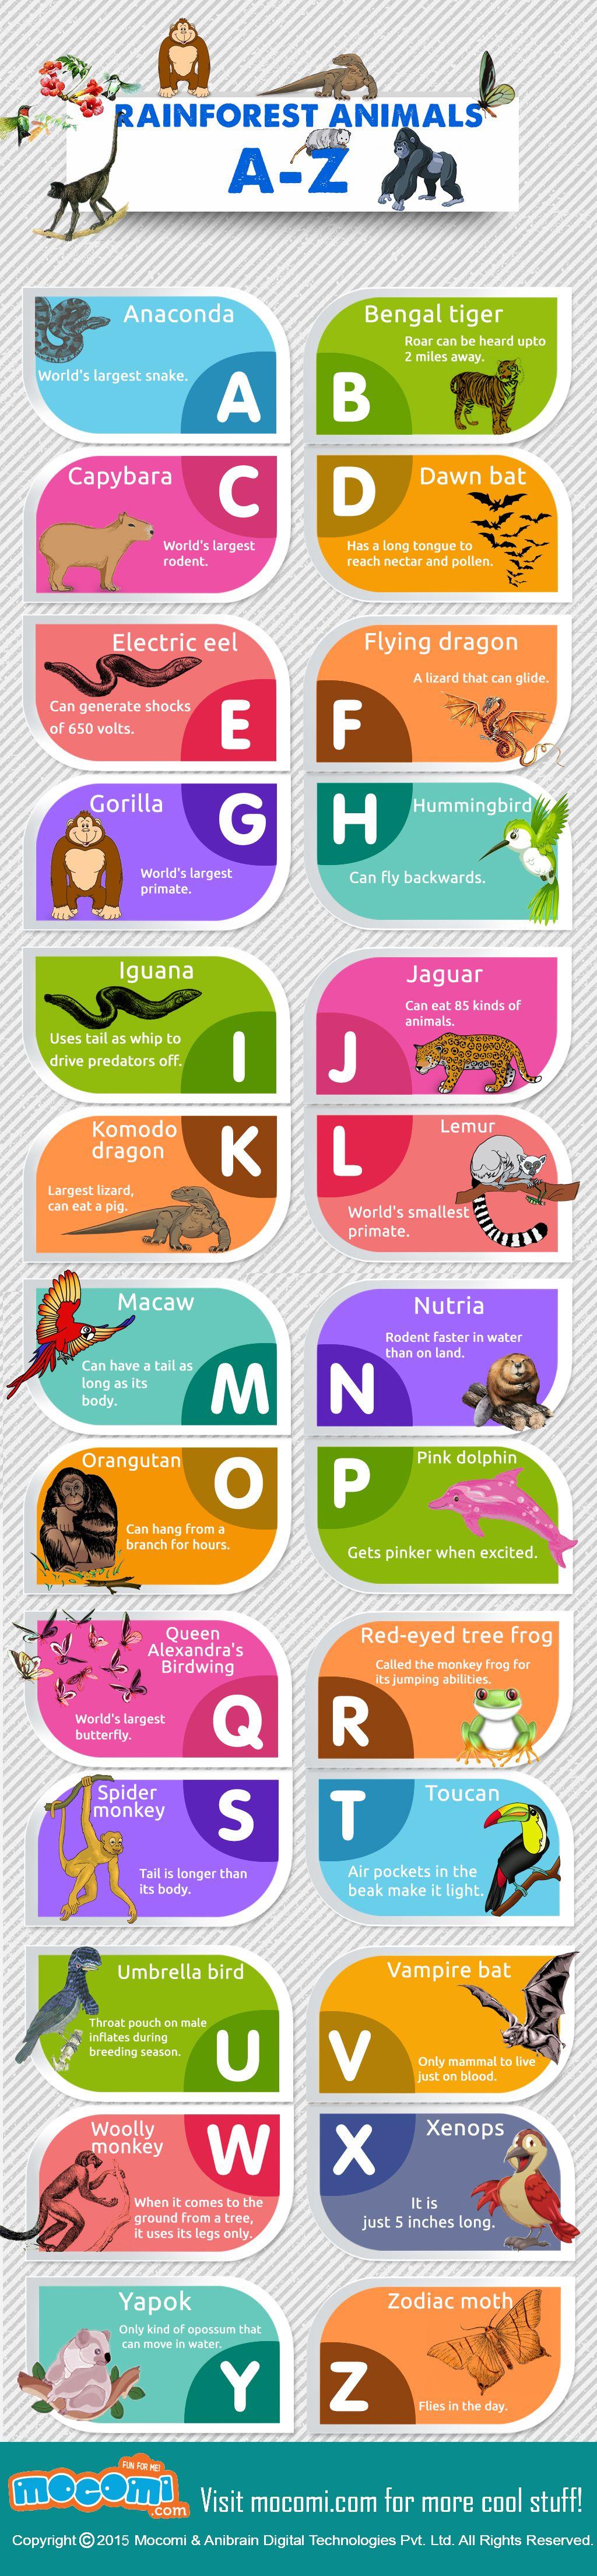 Rainforest Animals List AZ General Knowledge